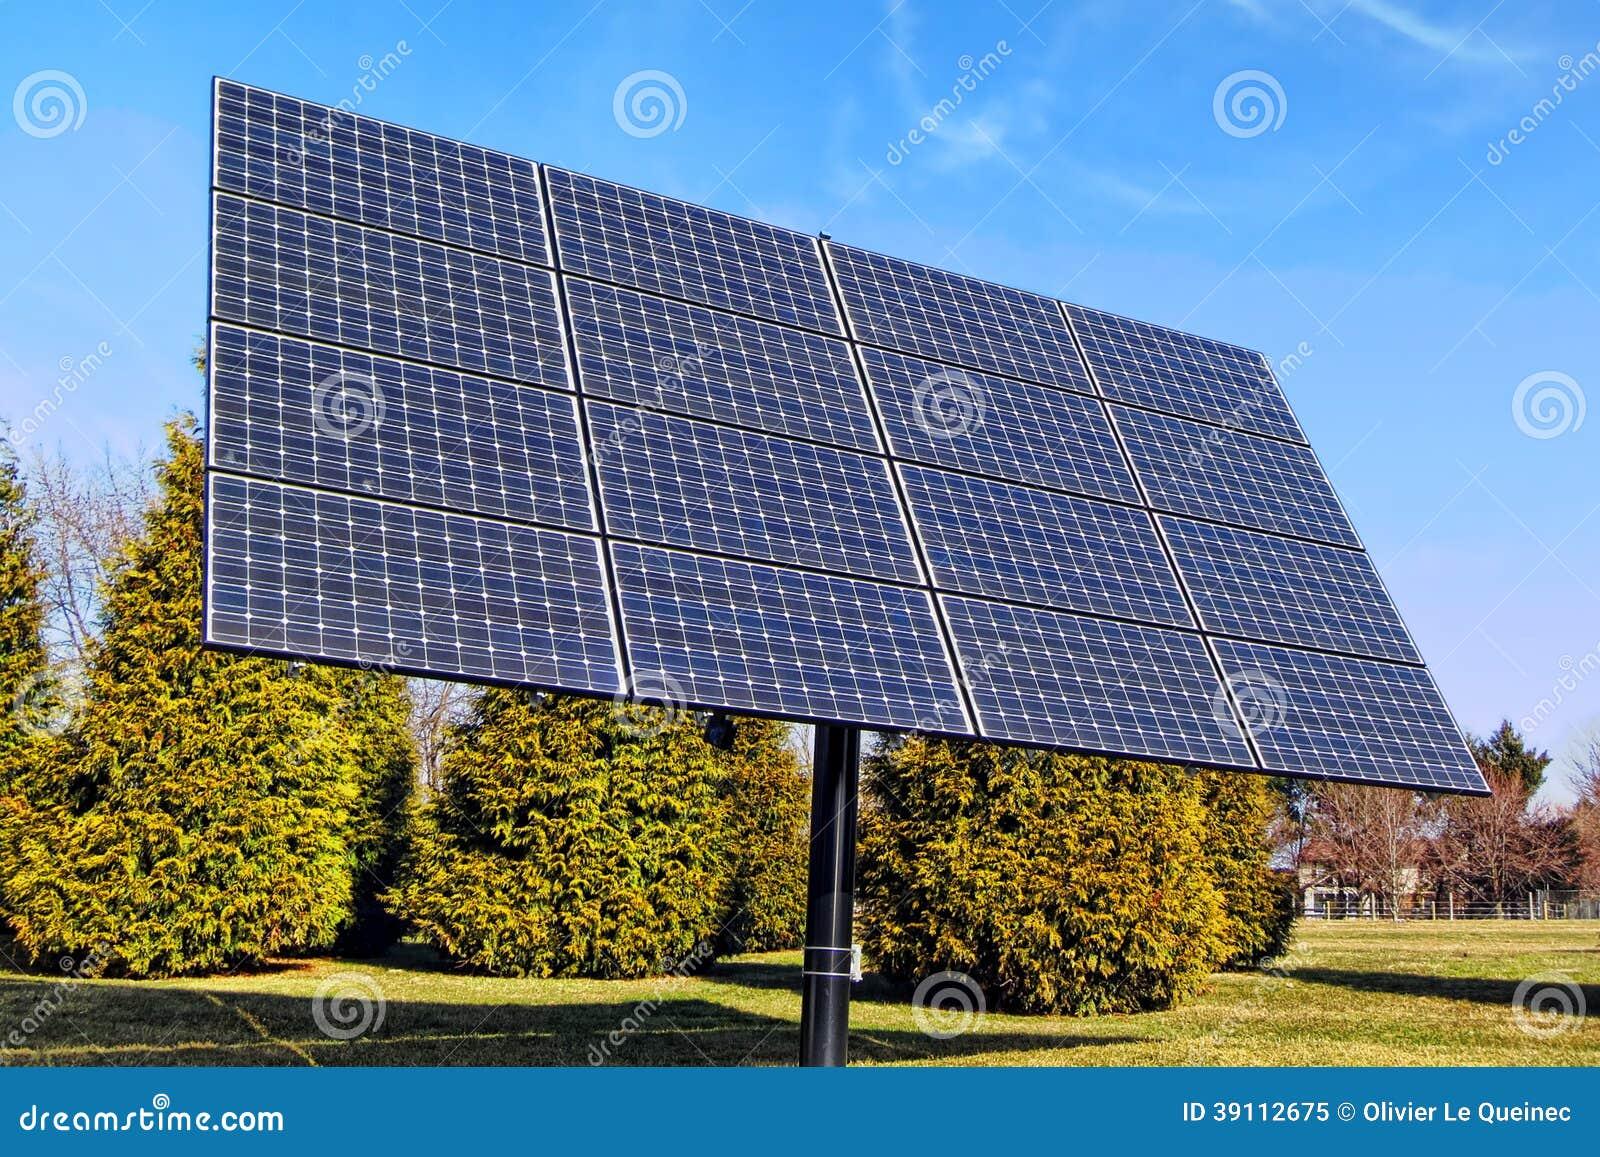 rang e photovolta que de panneaux solaires d 39 nergie lectrique photo stock image 39112675. Black Bedroom Furniture Sets. Home Design Ideas